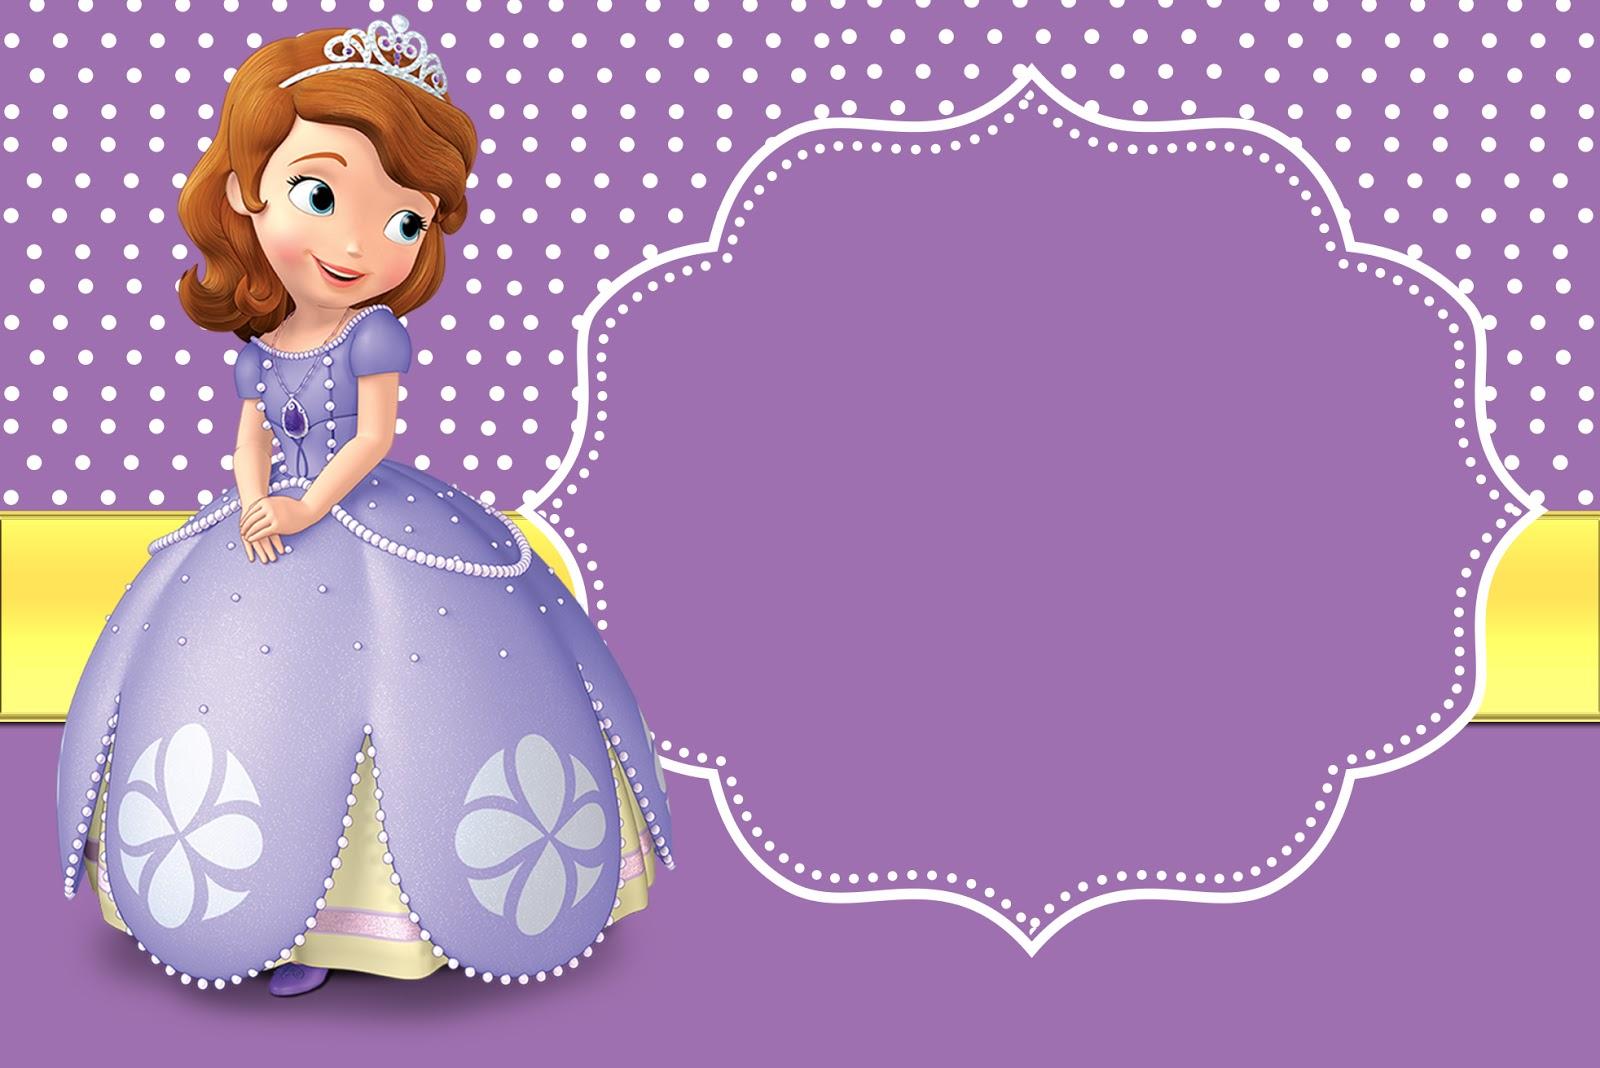 45 Convites Princesa Sofia Lindissimos Imprima Faca O Seu